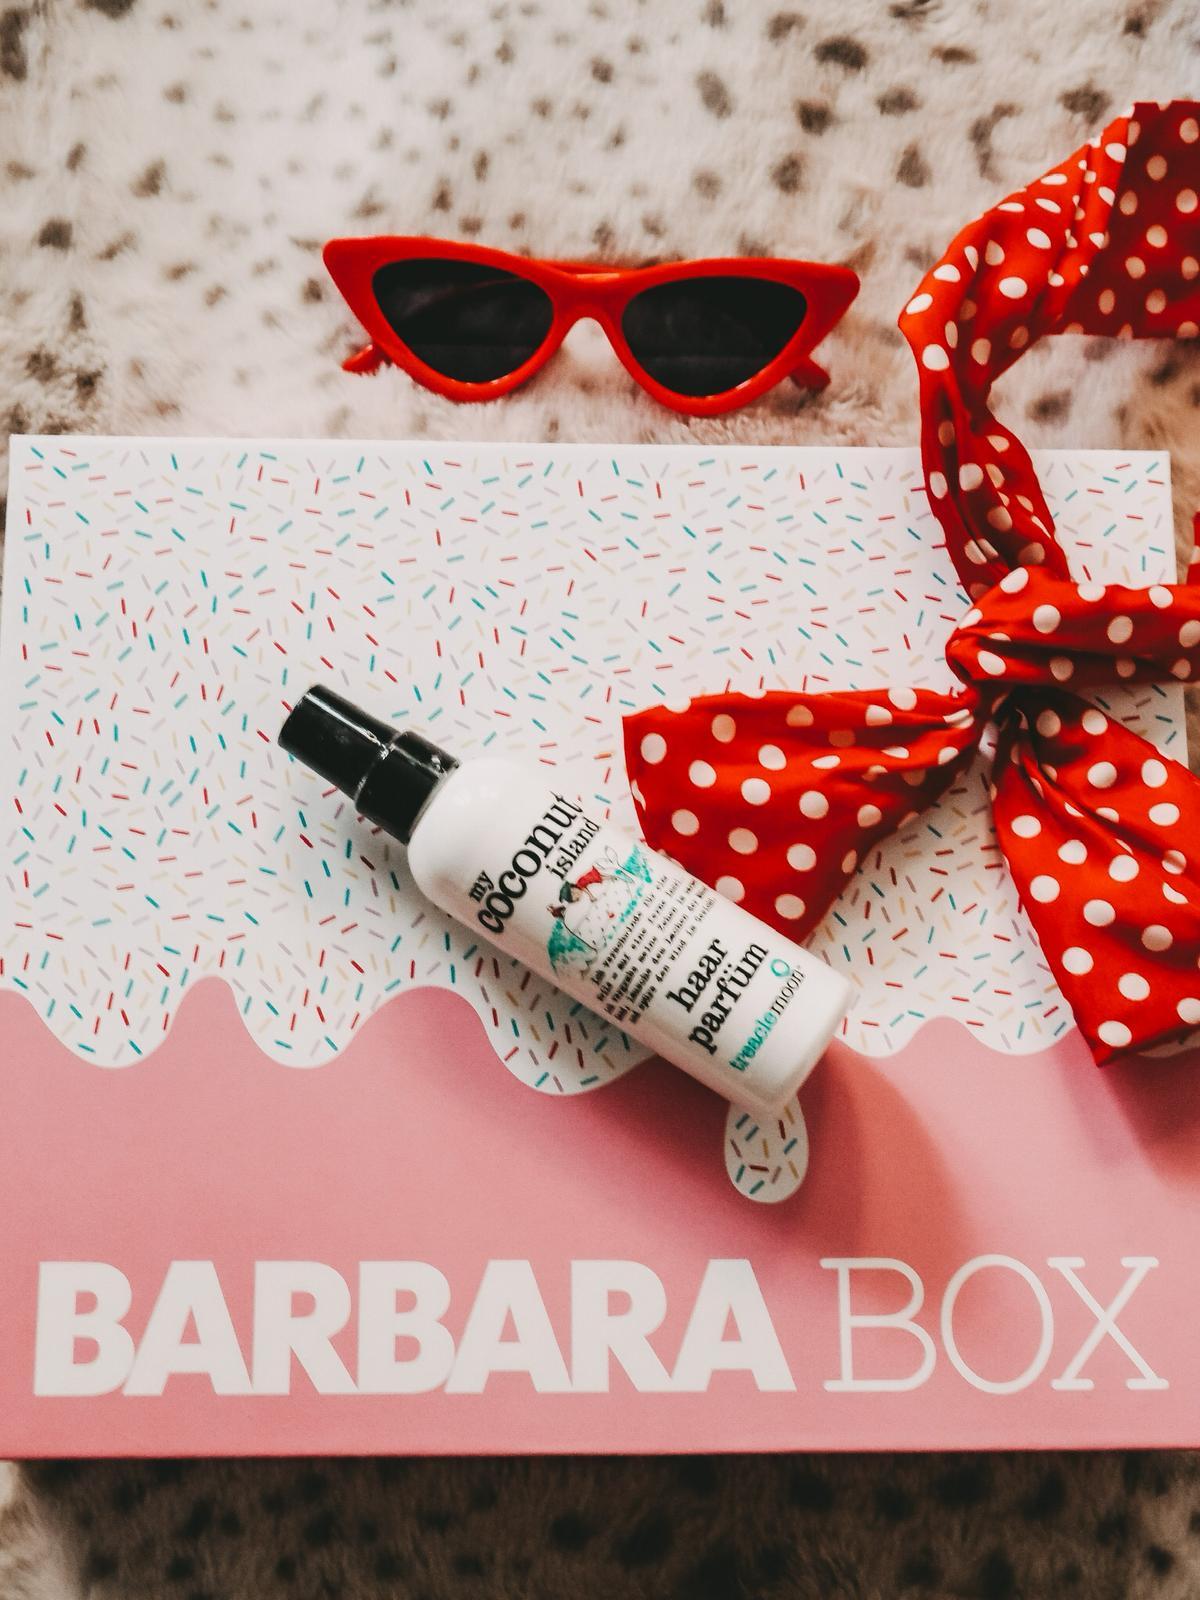 Haarparfüm in der Barbara Box Sahneschnitte